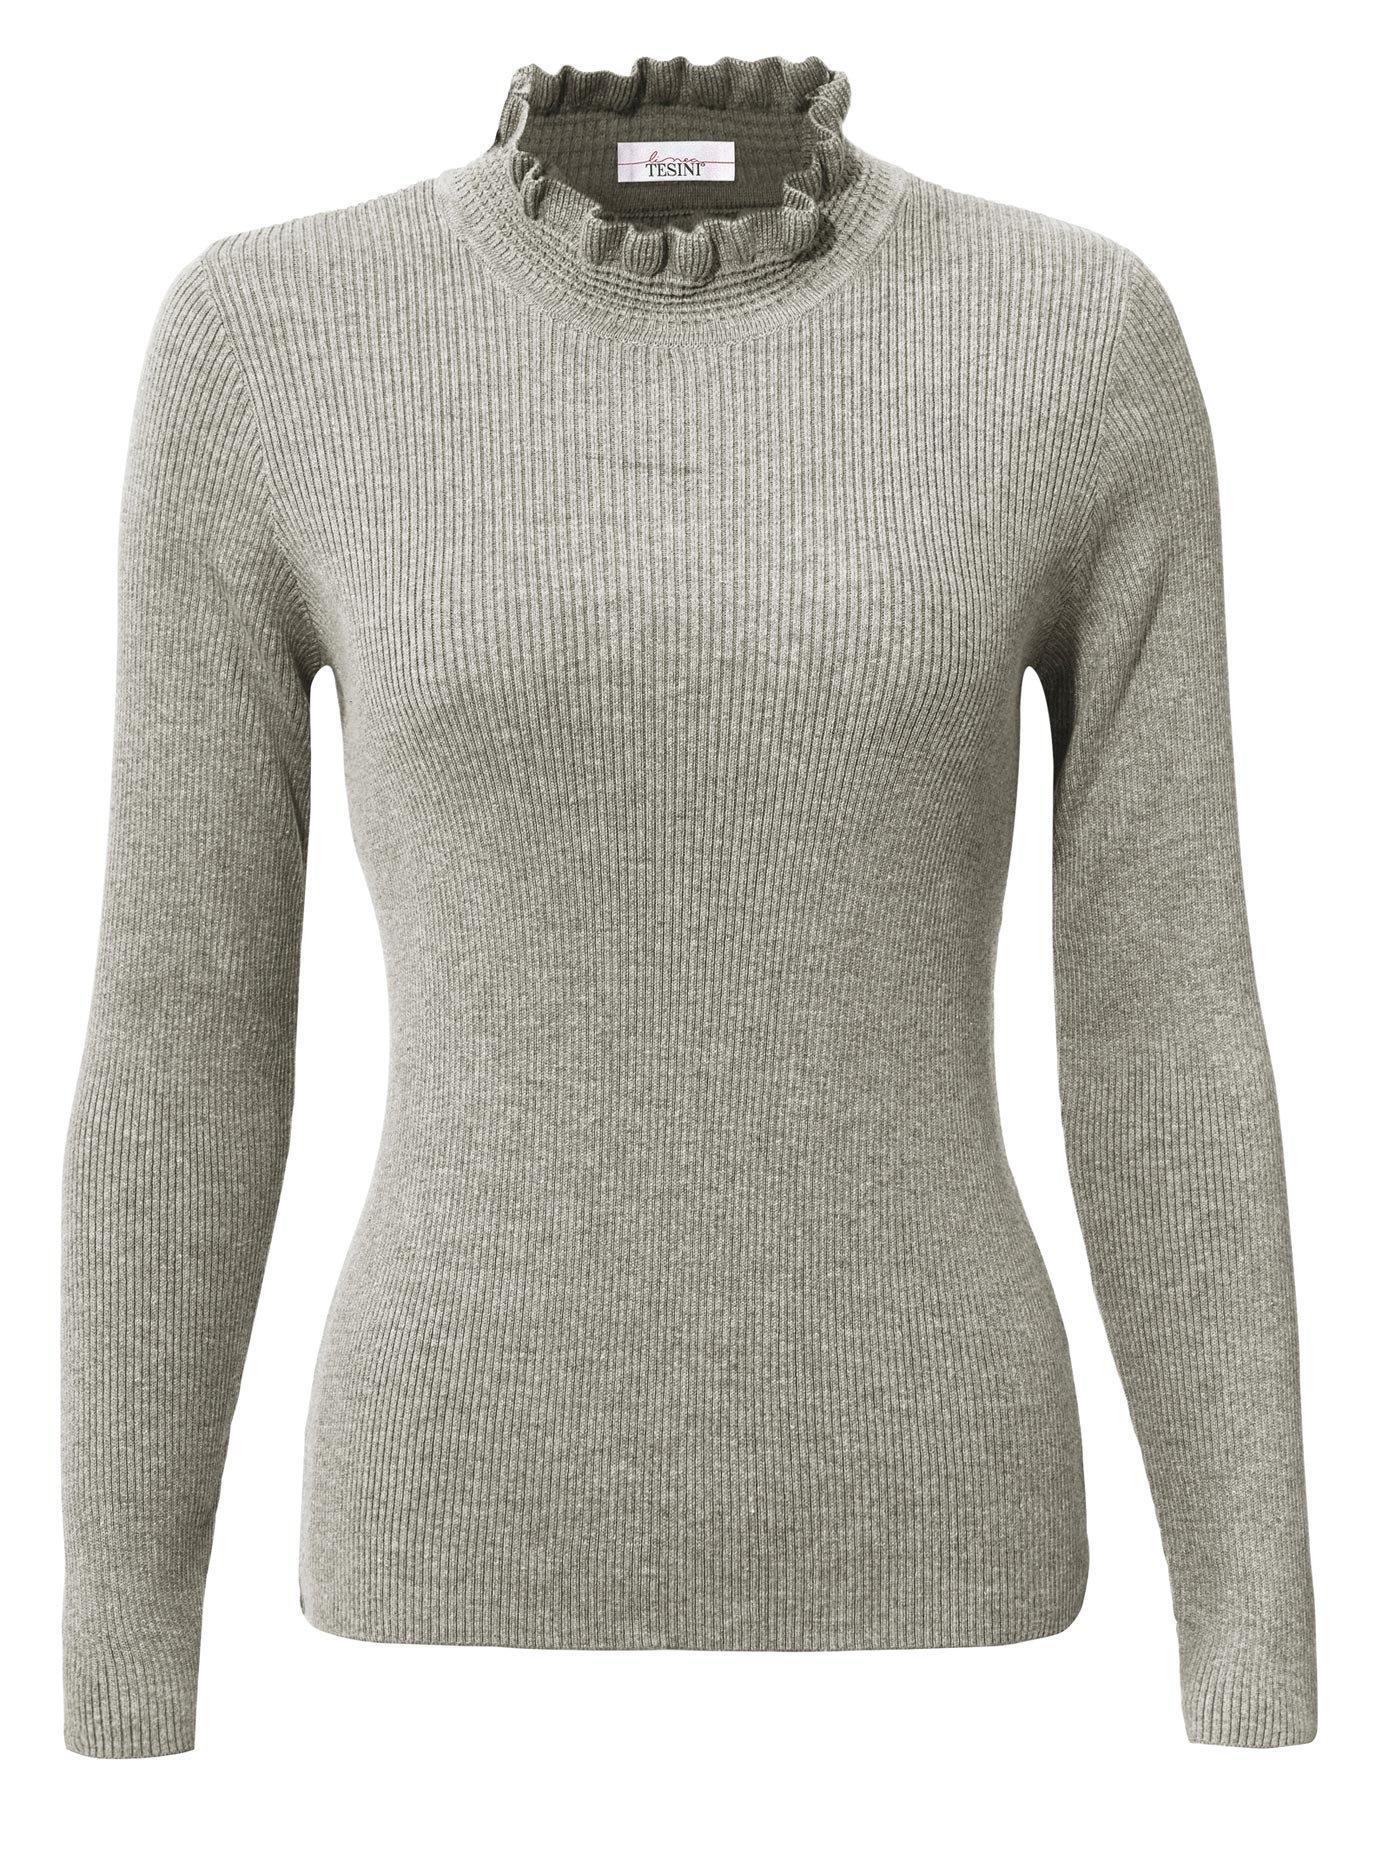 LINEA TESINI by Heine trui met staande kraag Trui met opstaande kraag veilig op otto.nl kopen